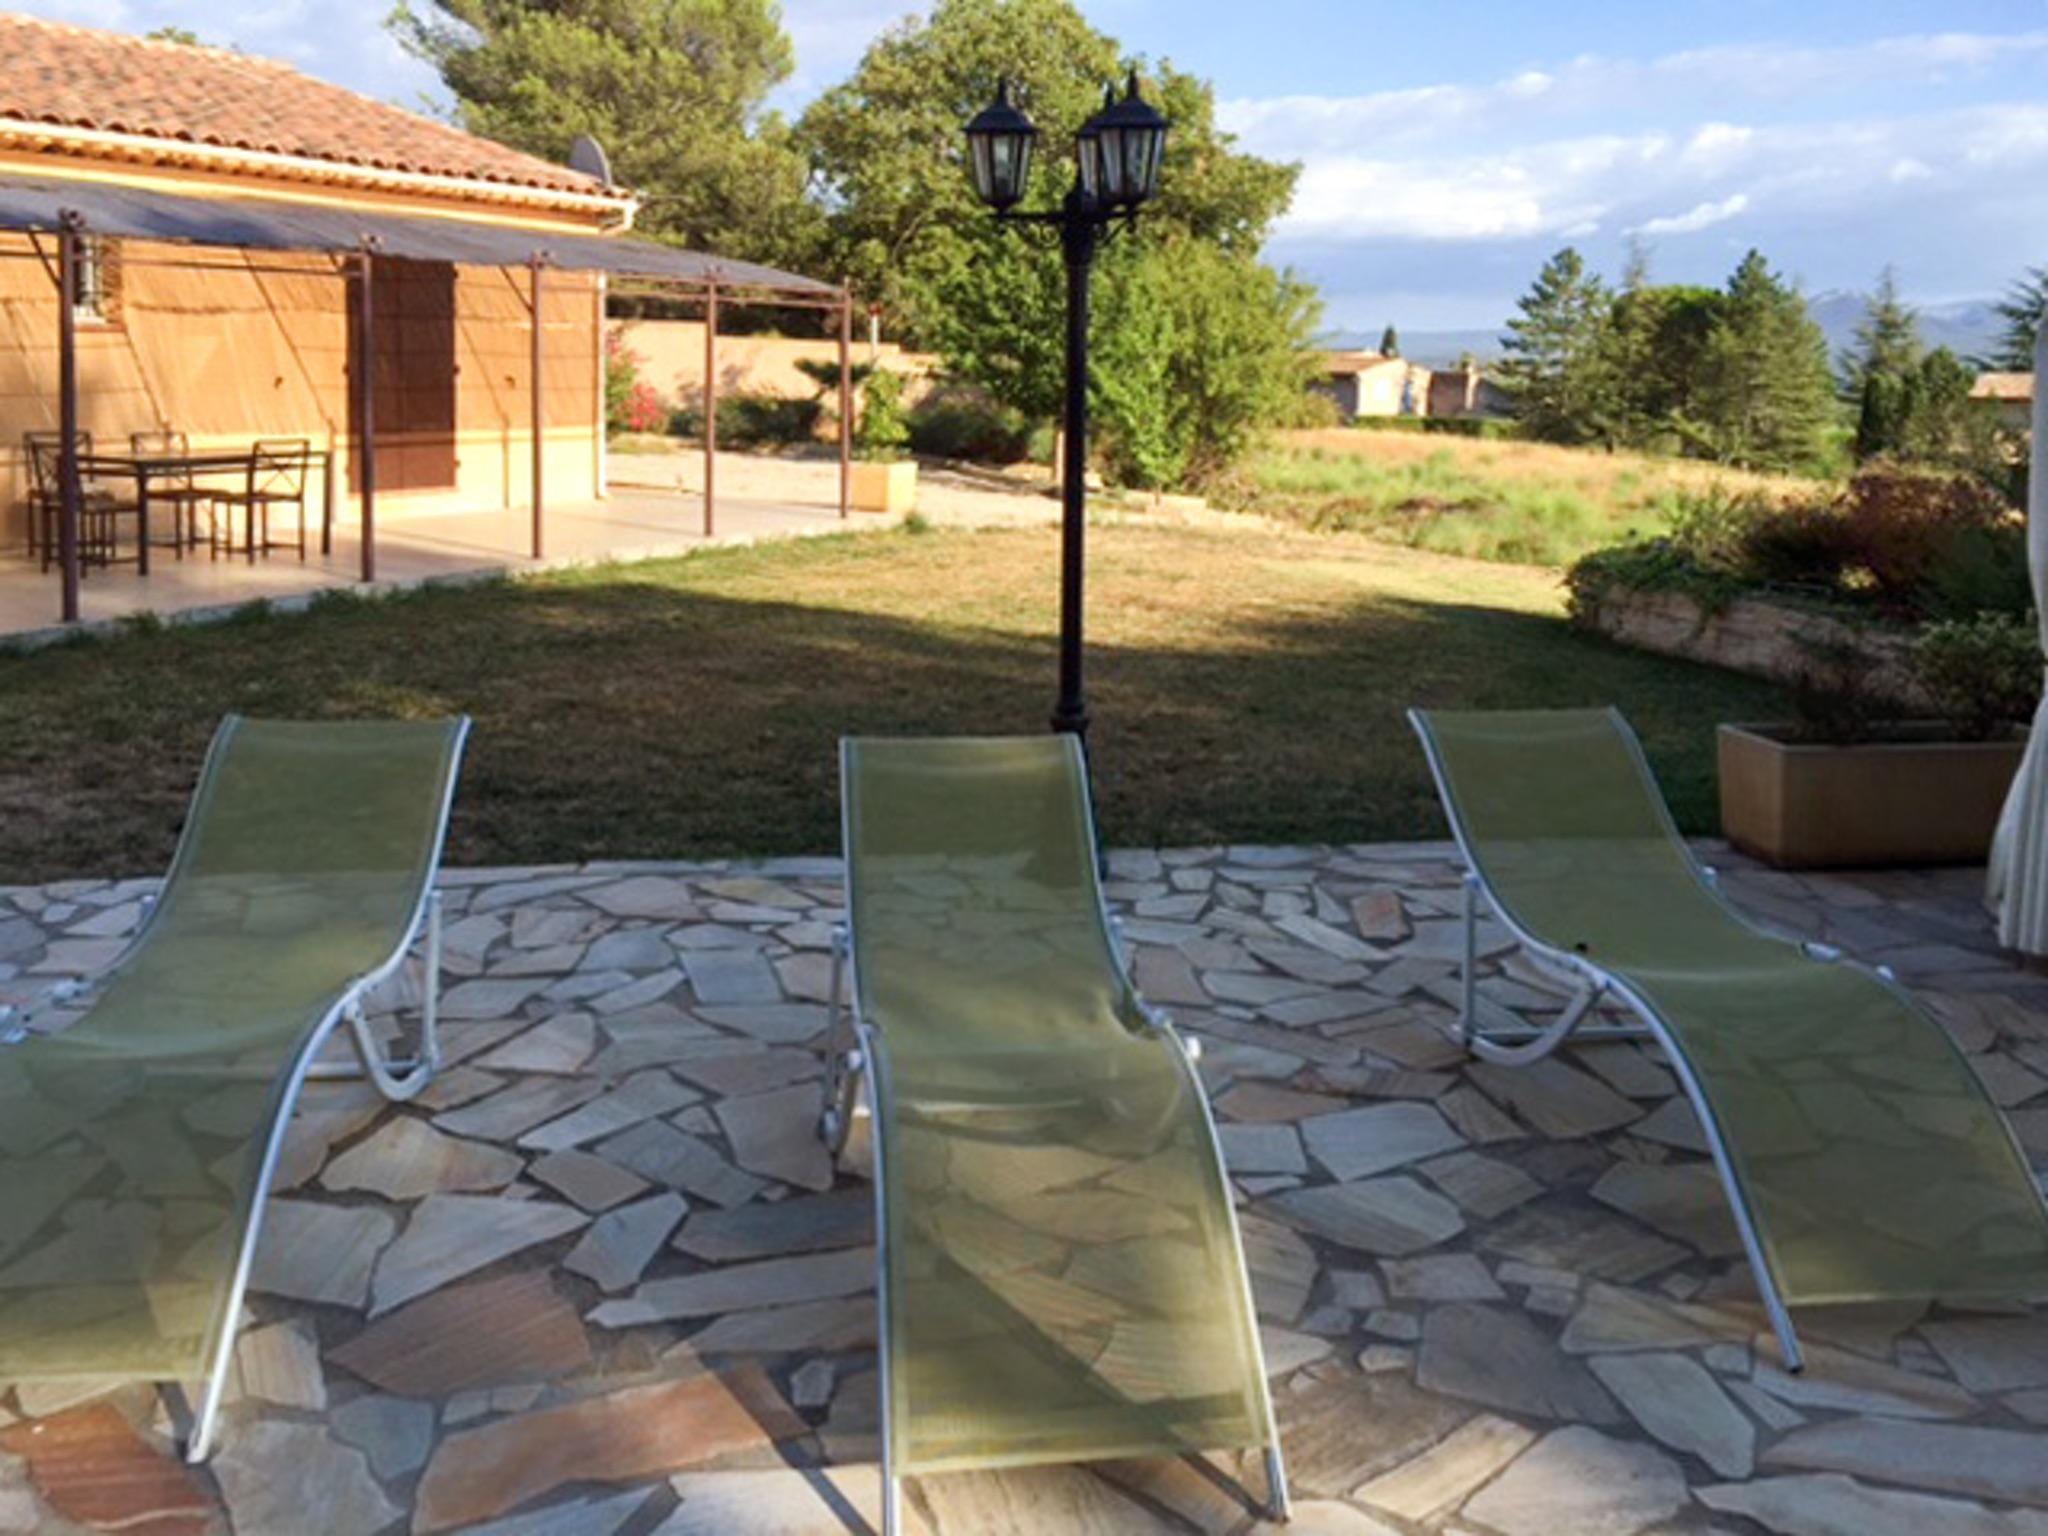 Ferienhaus Haus mit drei Schlafzimmern, Pool, Garten und Terrasse in der Luberon (2201928), Pertuis, Vaucluse, Provence - Alpen - Côte d'Azur, Frankreich, Bild 25